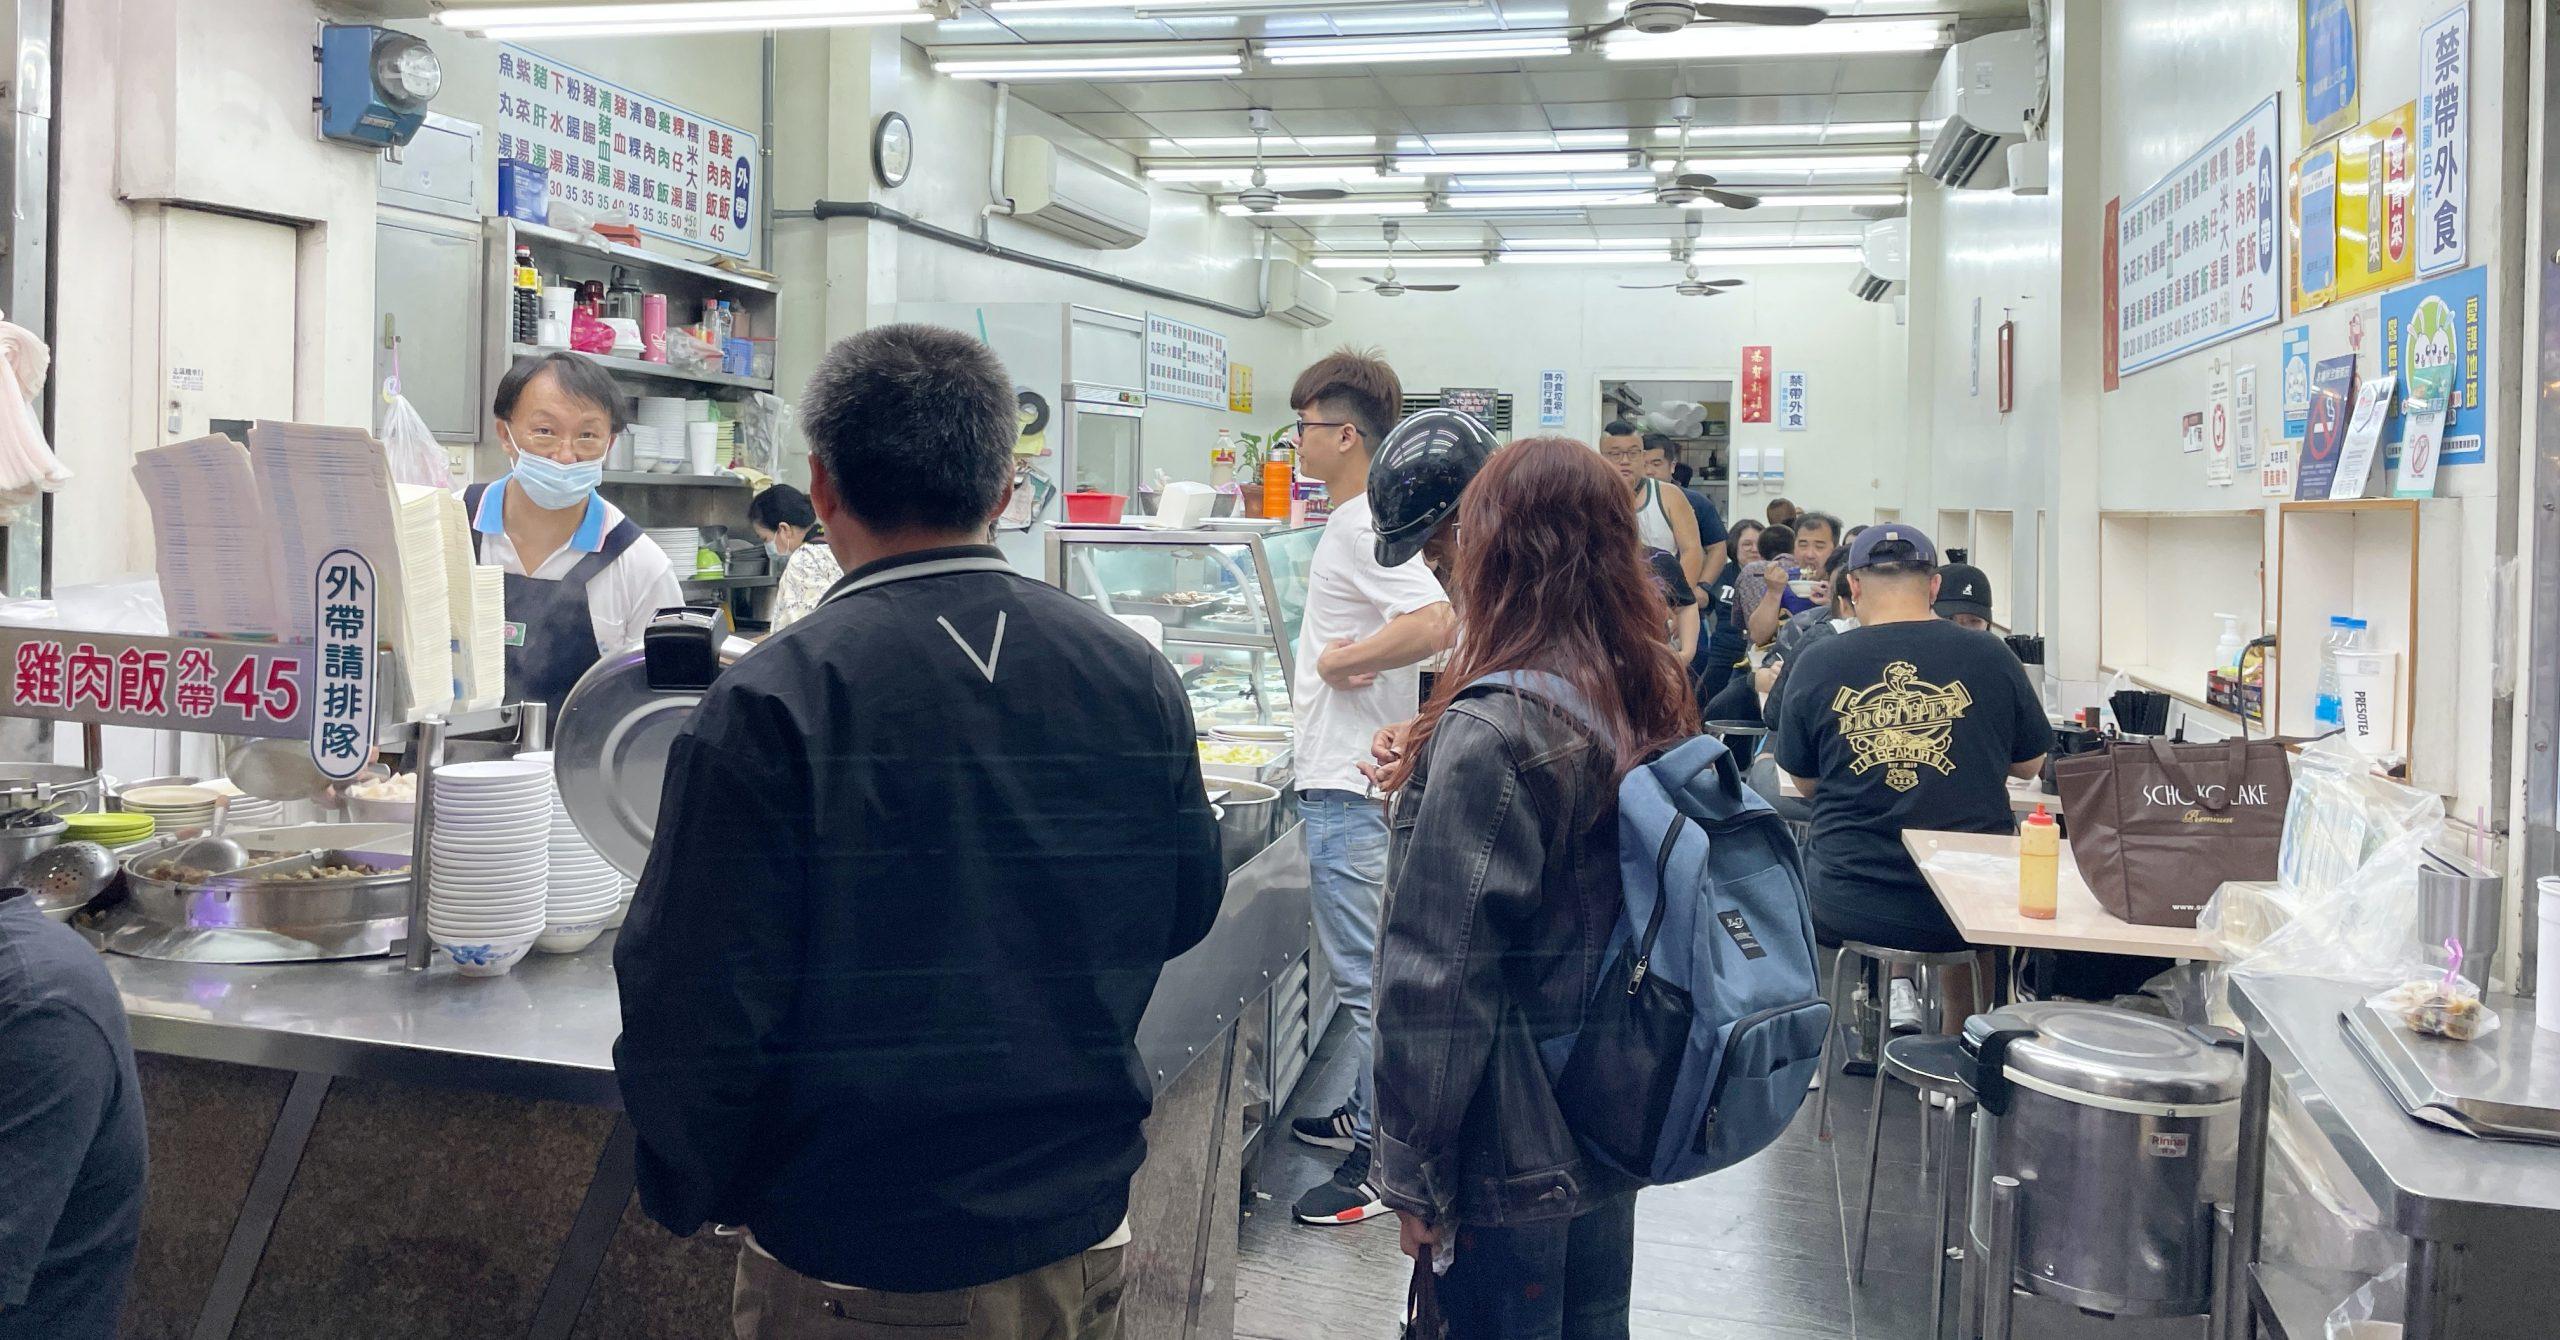 今日熱門文章:【嘉義火雞肉飯推薦】郭家雞肉飯,郭家大雅分店比較好吃